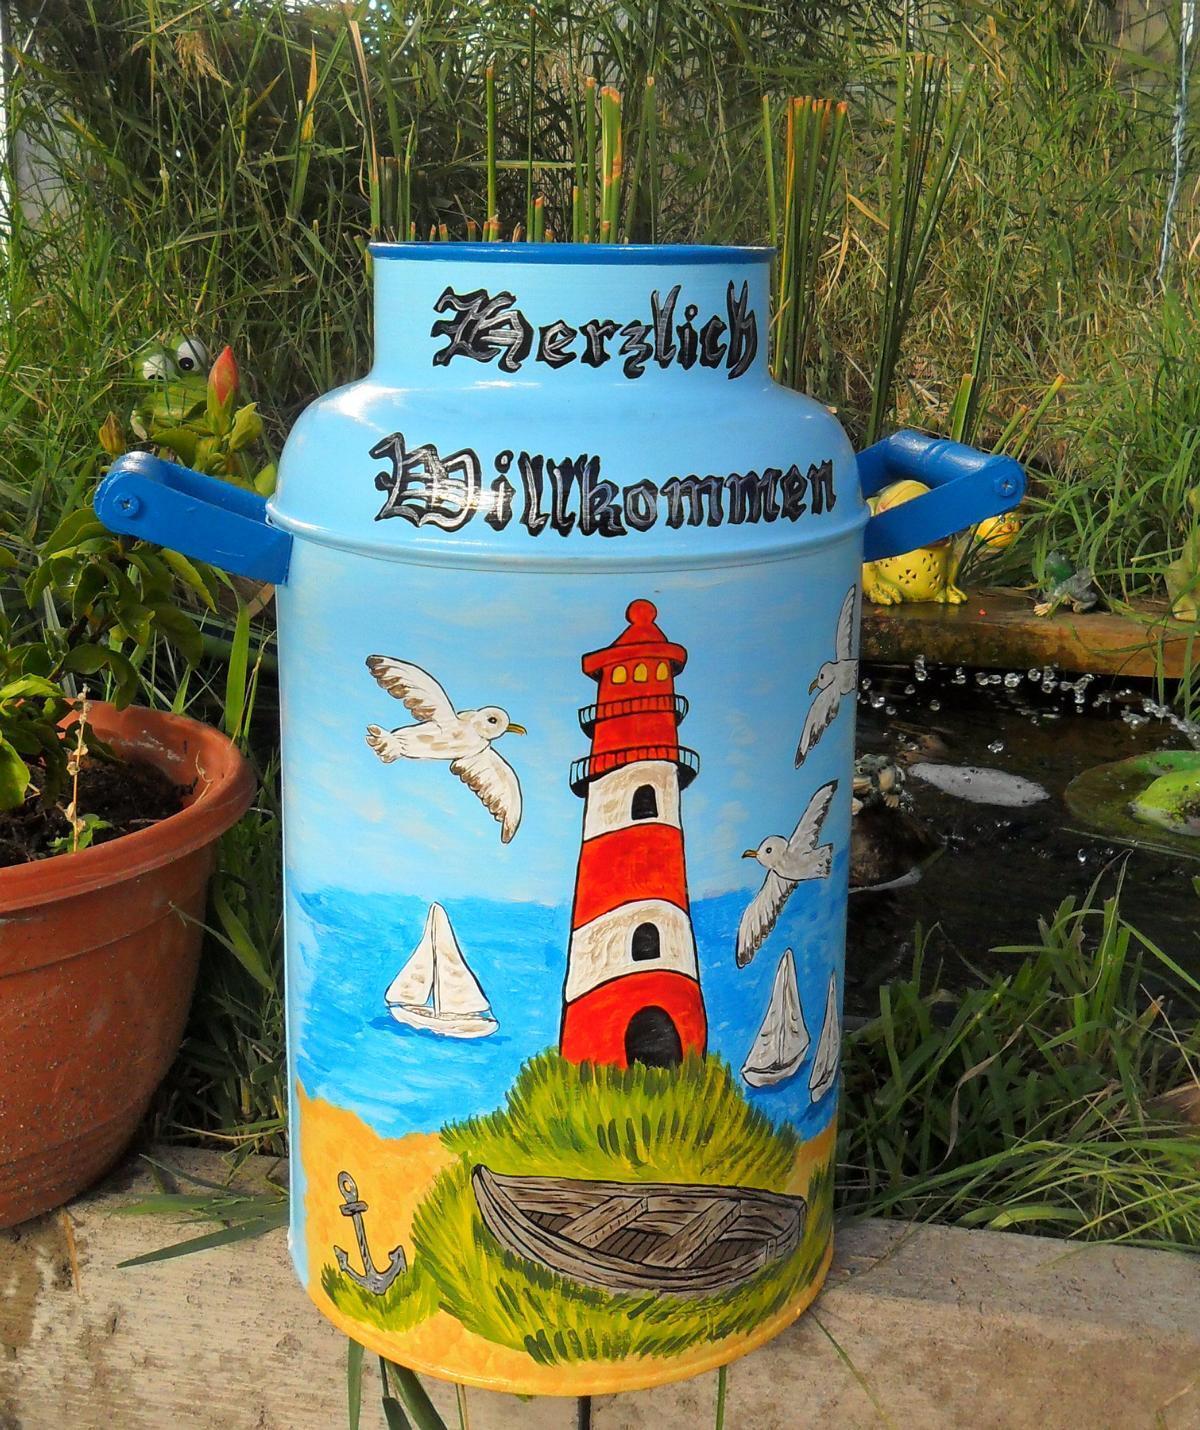 Milchkanne,10-LBodenvase-handbemalt-Leuchtturm-Möwen-maritim-blau-Rentier Schnee | | | Große Auswahl  ad6a4c